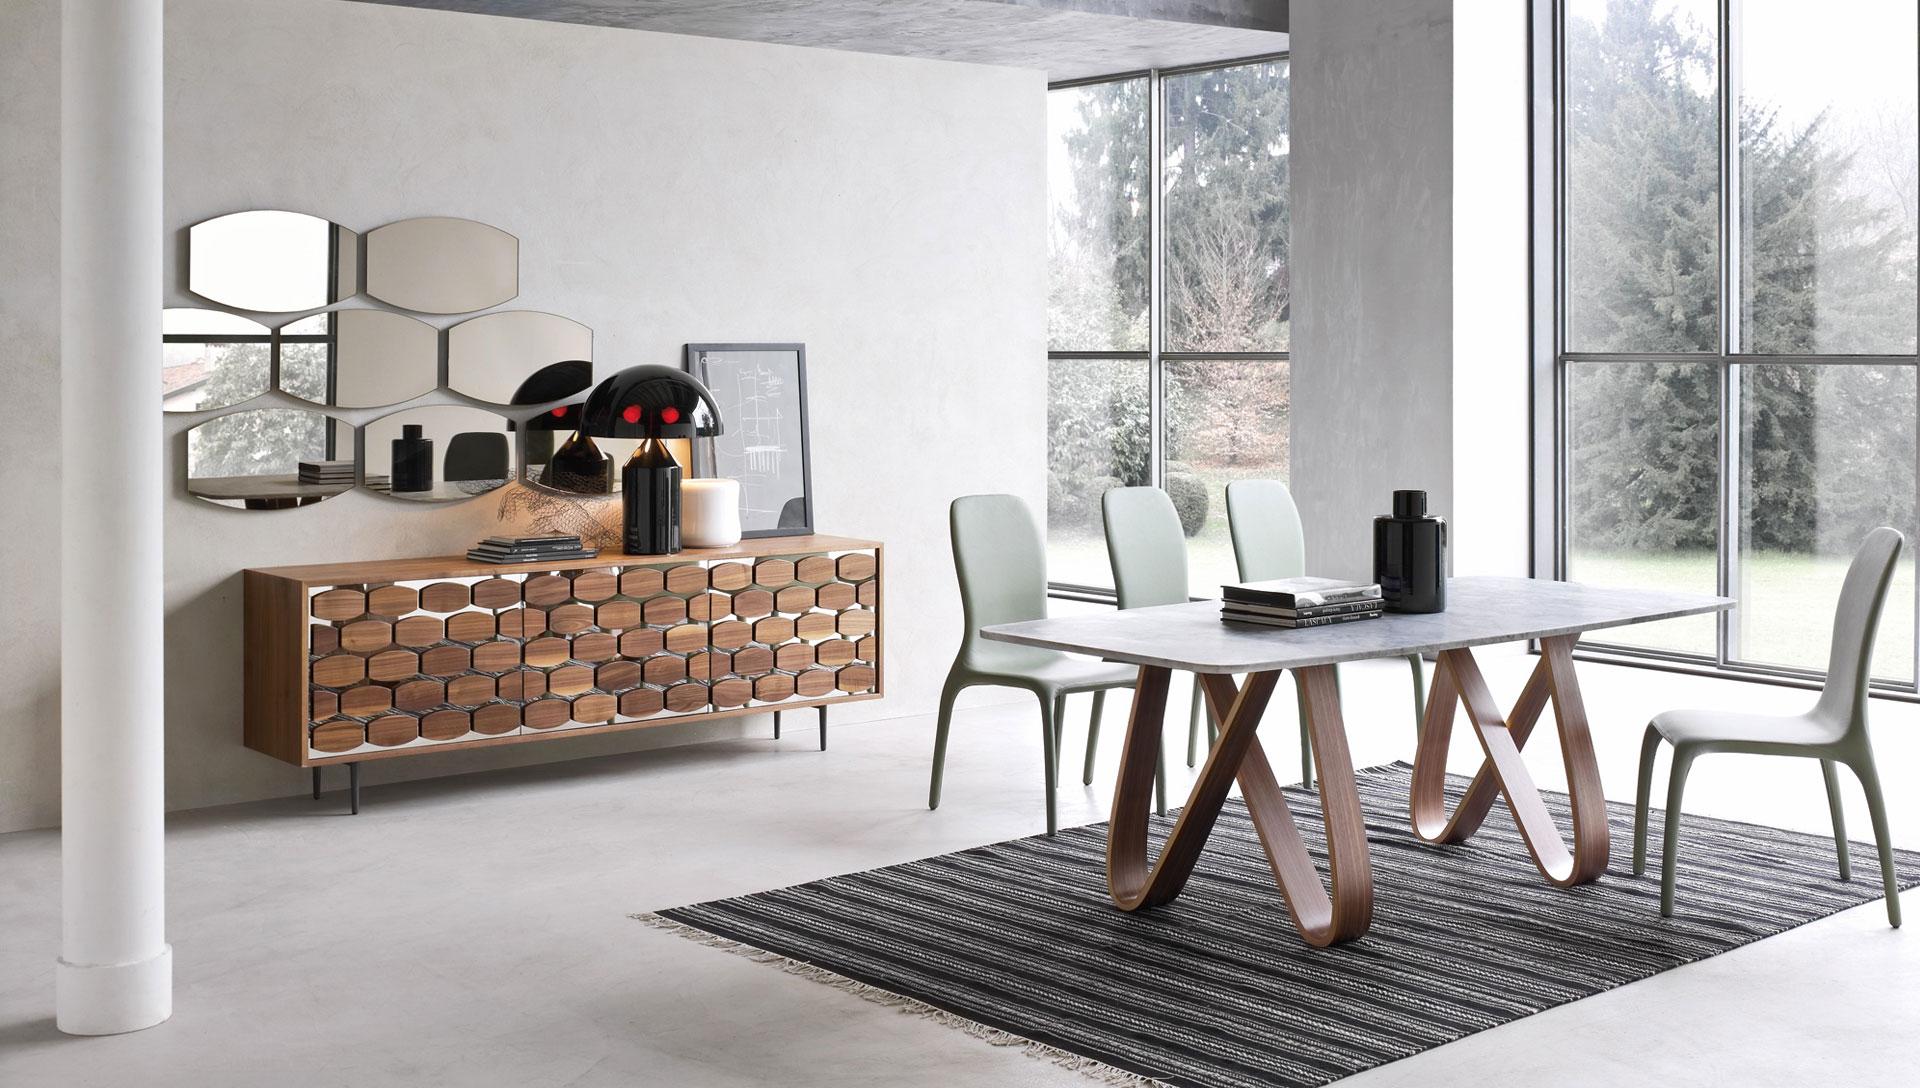 zona-giorno-tonin-design-comodus-arredamenti-nicoletti-interni-interior-design-divani-complementi-arredo-mobili-design-accessori-matera